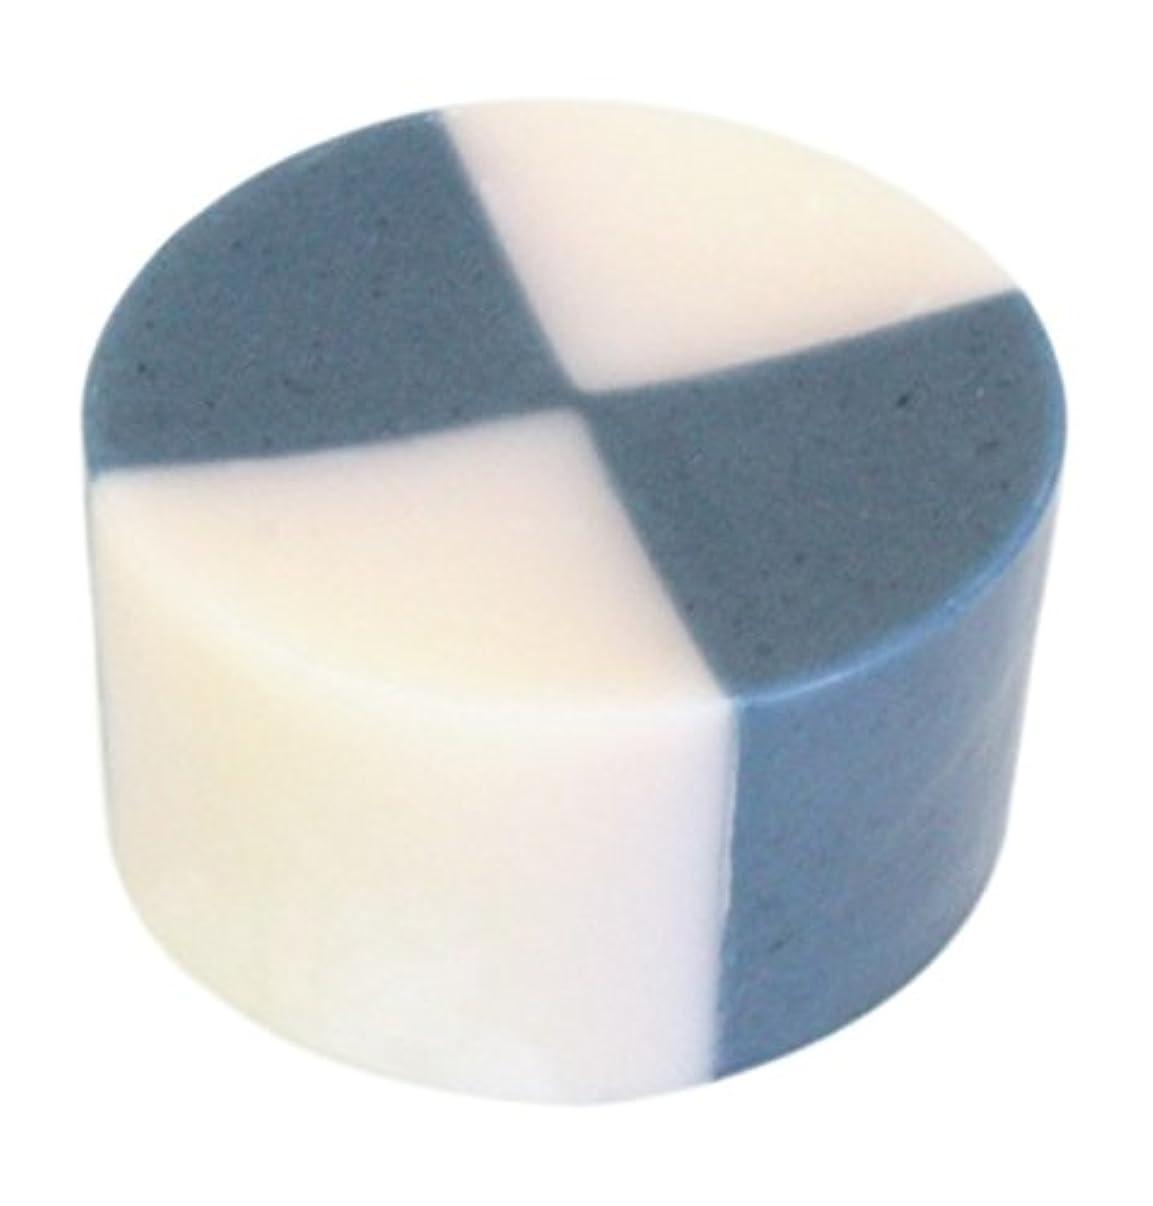 押し下げる道路を作るプロセスマーティフィールディング藍色工房 藍染め石けん「いちまつ」(60g)